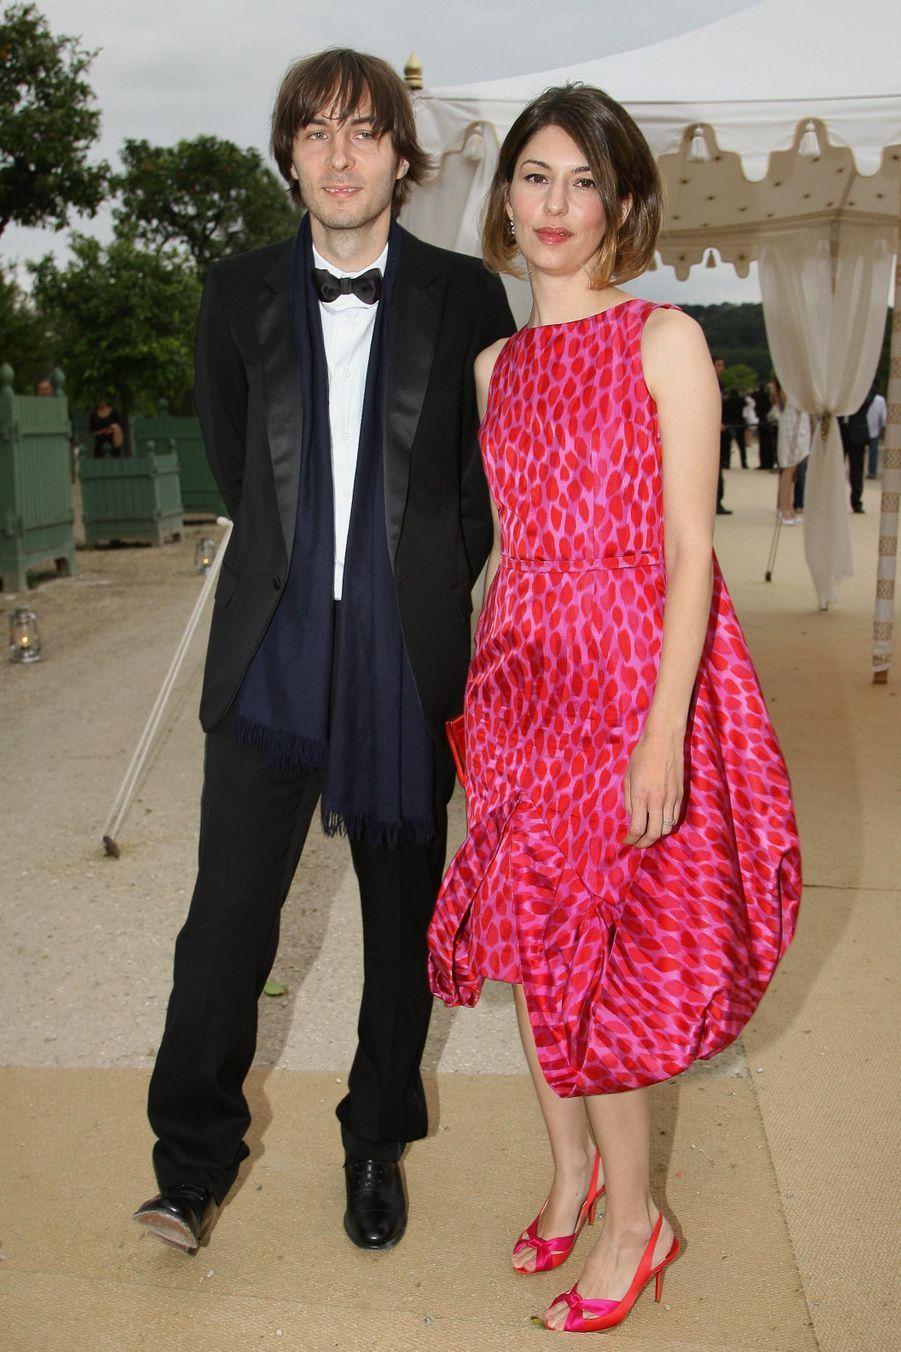 Le 27 août 2011, Sofia Coppola a épousé Thomas Mars, chanteur du groupe Phoenix, avec qui elle partage sa vie depuis 2005. Il s'agit de son second mariage après celui avec le réalisateur Spike Jonze (1999-2003)